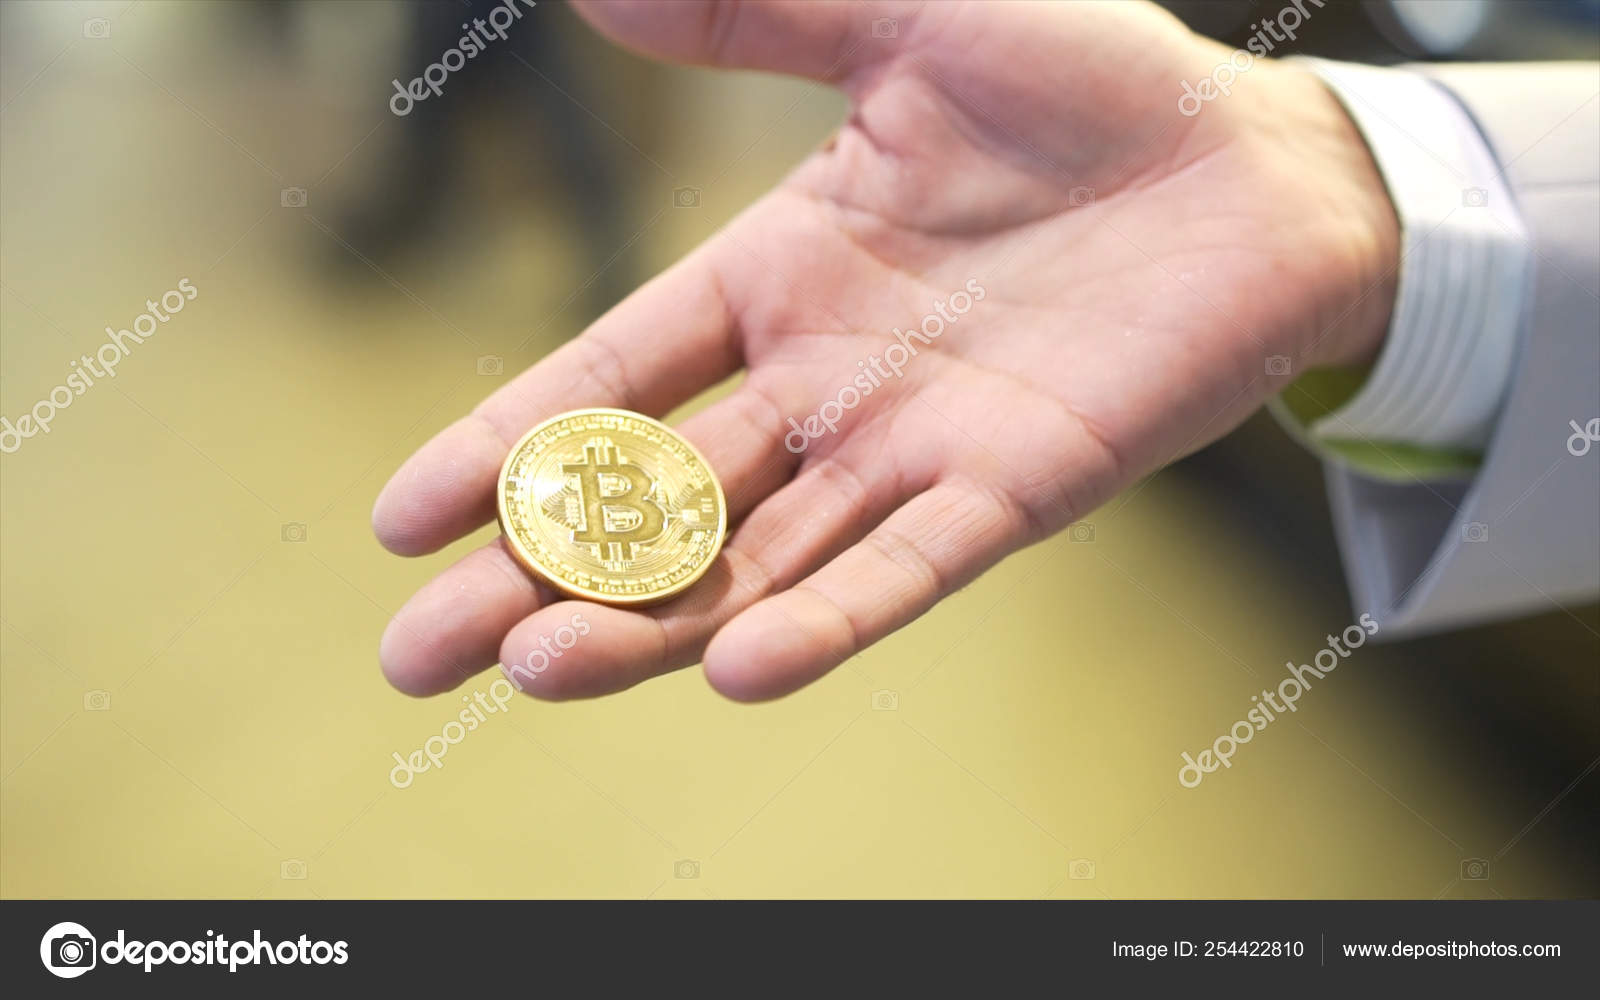 legnagyobb bitcoin kereskedési platformok pln btc